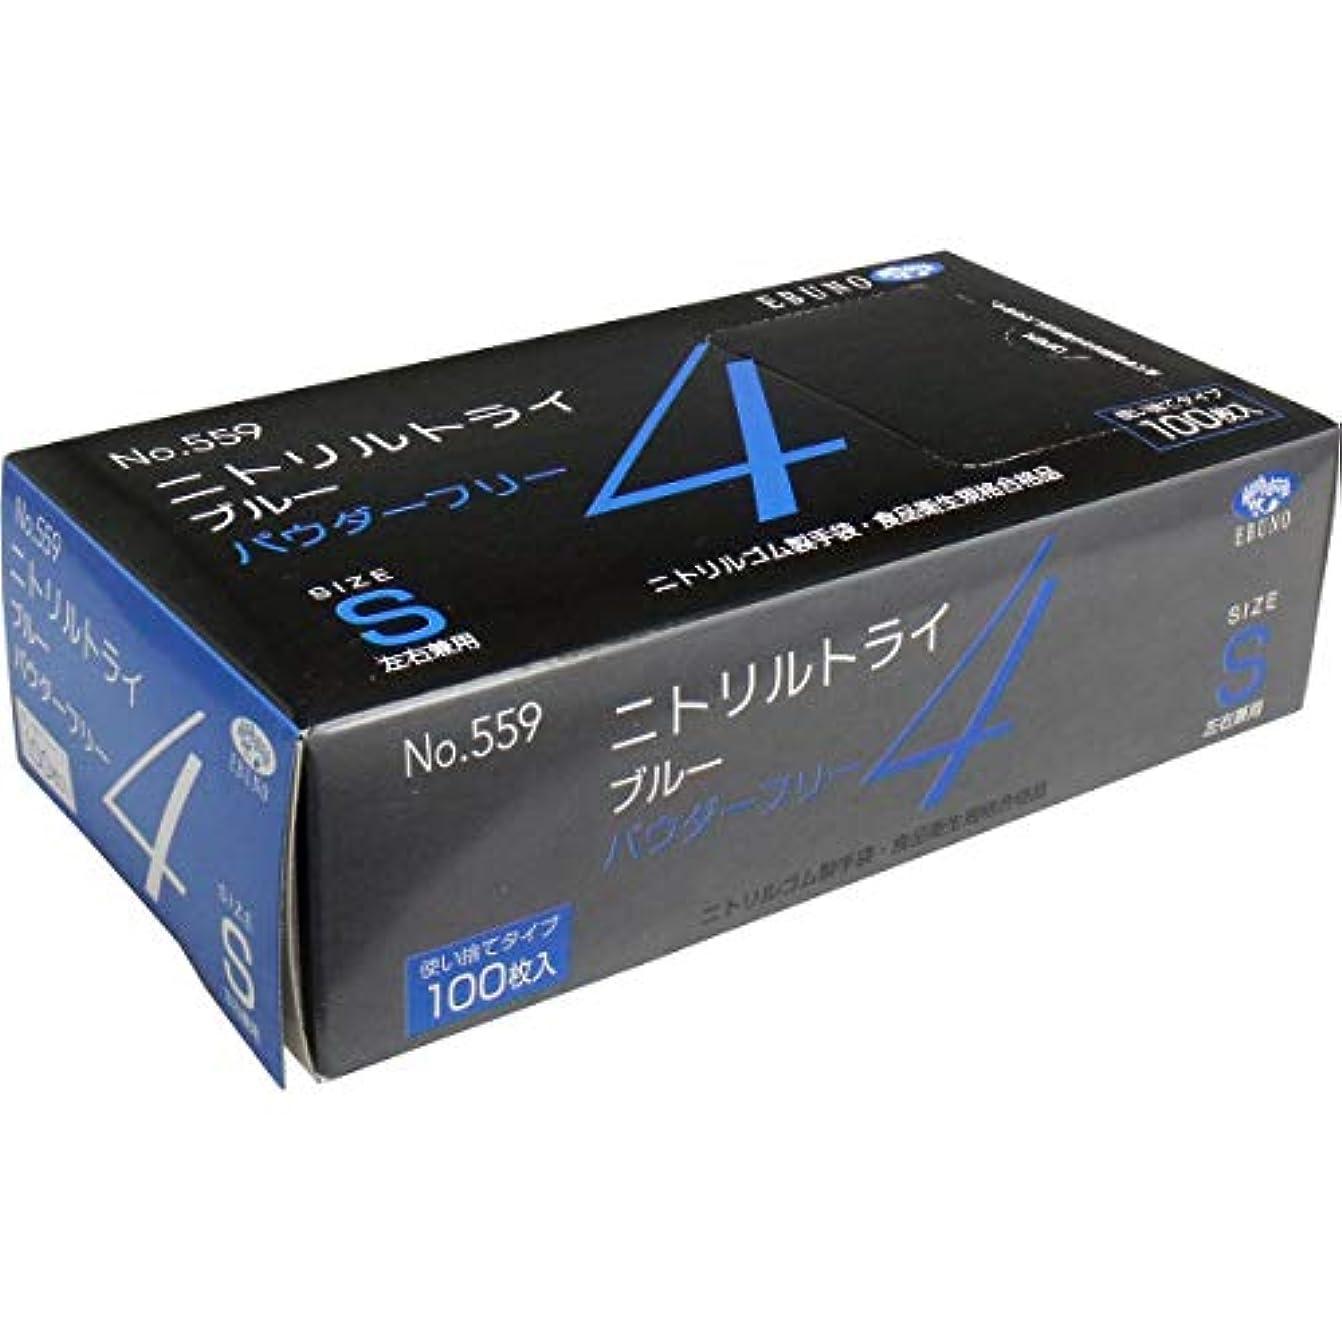 調子知り合いになるブレースニトリルトライ4 手袋 ブルー パウダーフリー Sサイズ 100枚入×10個セット